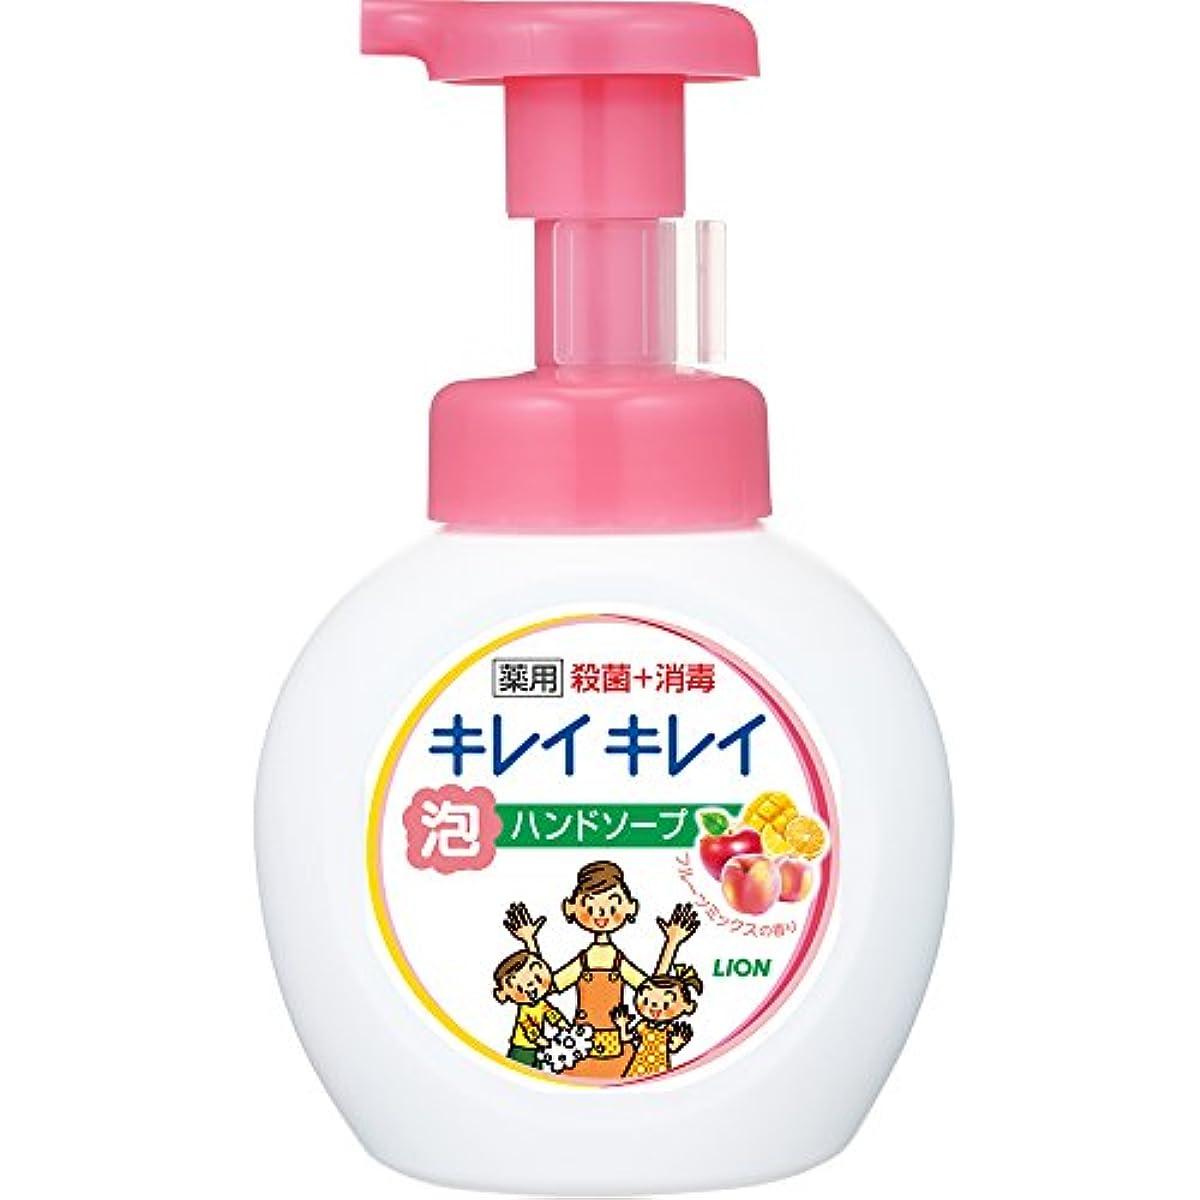 除外する裸酸度キレイキレイ 薬用 泡ハンドソープ フルーツミックスの香り ポンプ 250ml(医薬部外品)